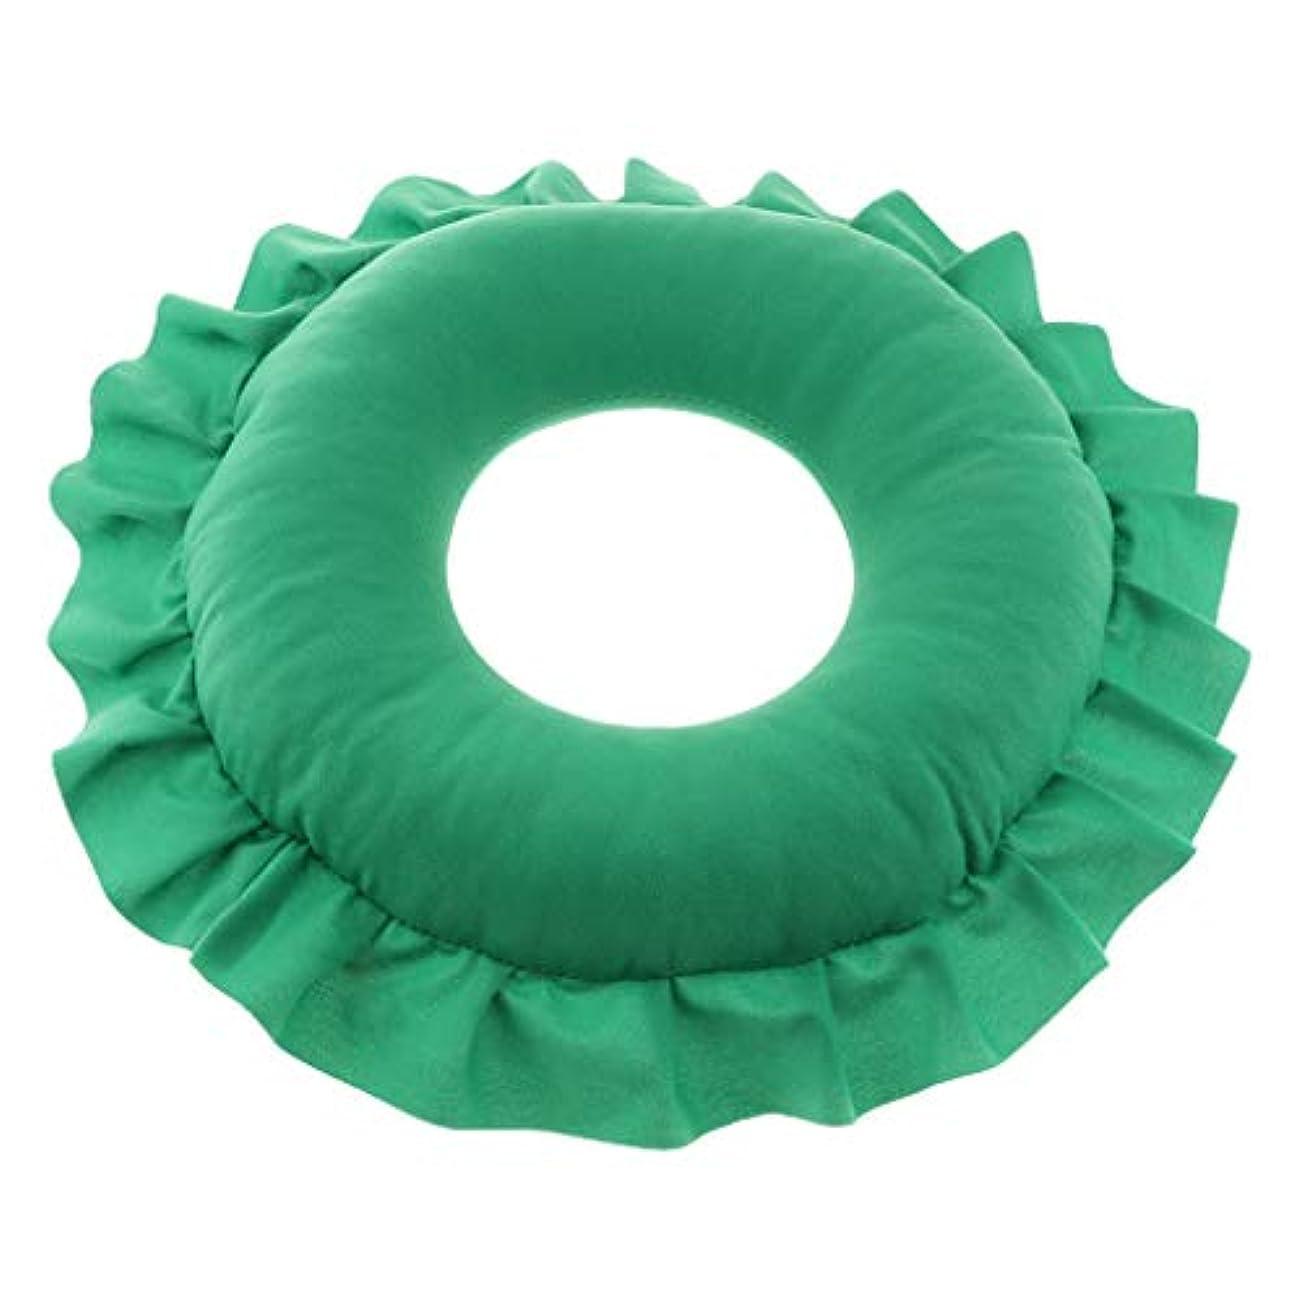 いらいらさせるペインギリック水っぽいD DOLITY マッサージ枕 顔枕 マッサージピロー 美容院 柔らかくて快適 取り外し可能 洗える 全4色 - 緑